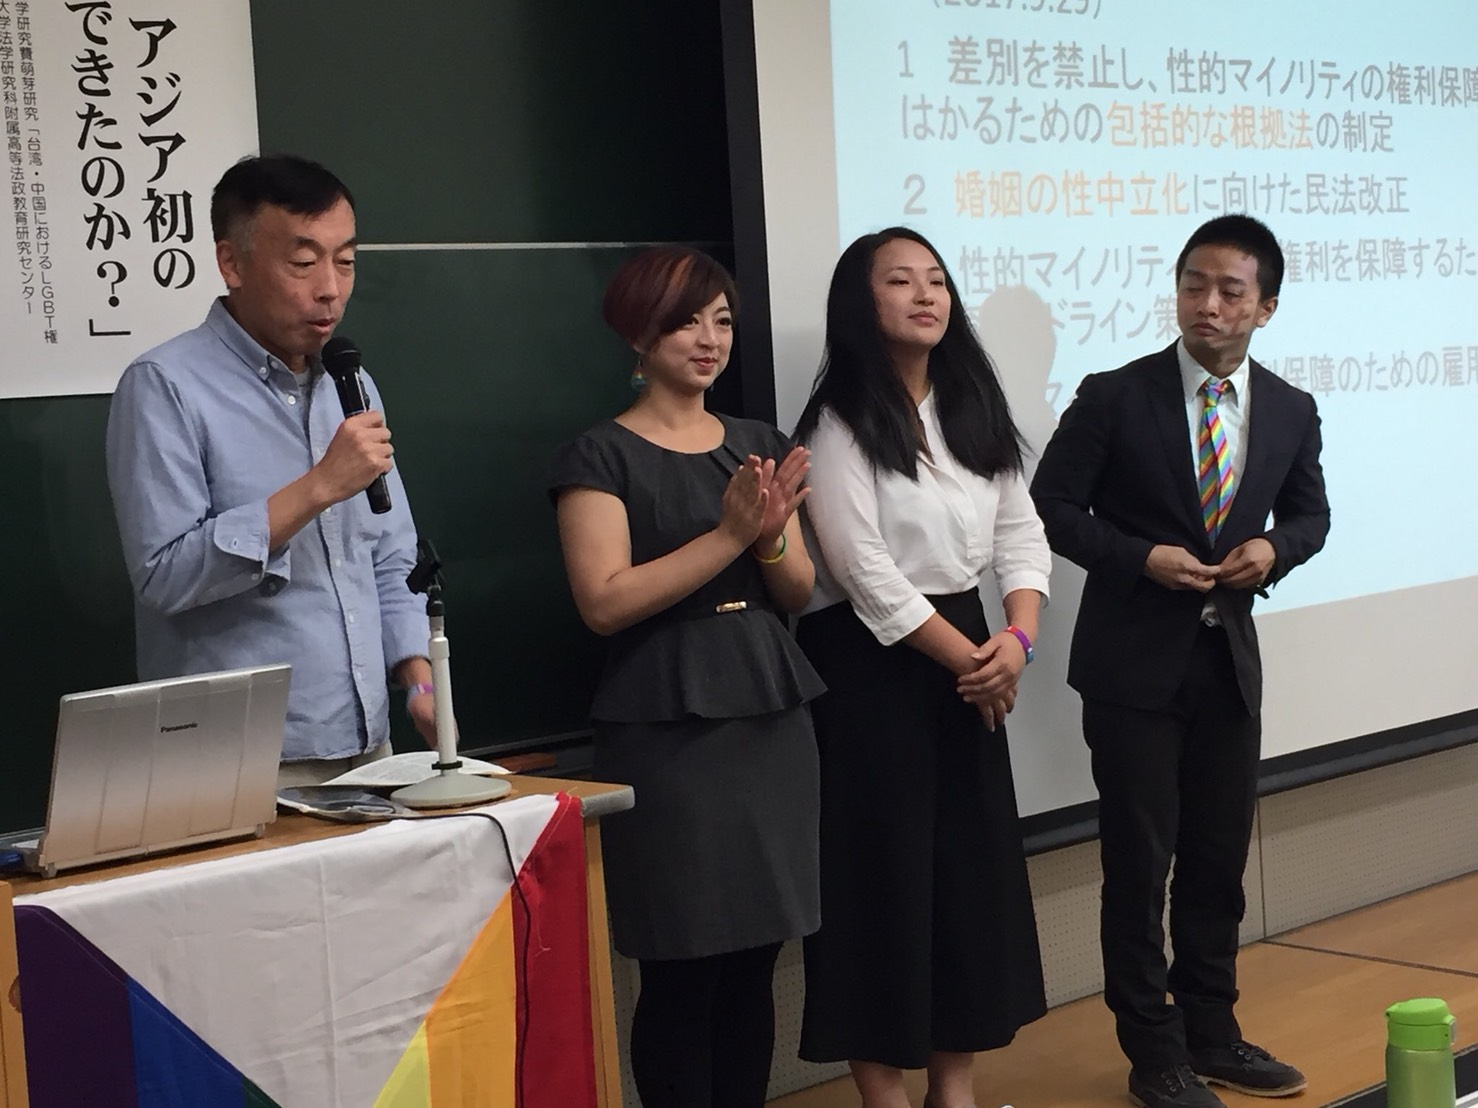 「台湾はなぜ、アジア初の同性婚を実現できたのか?」シンポ